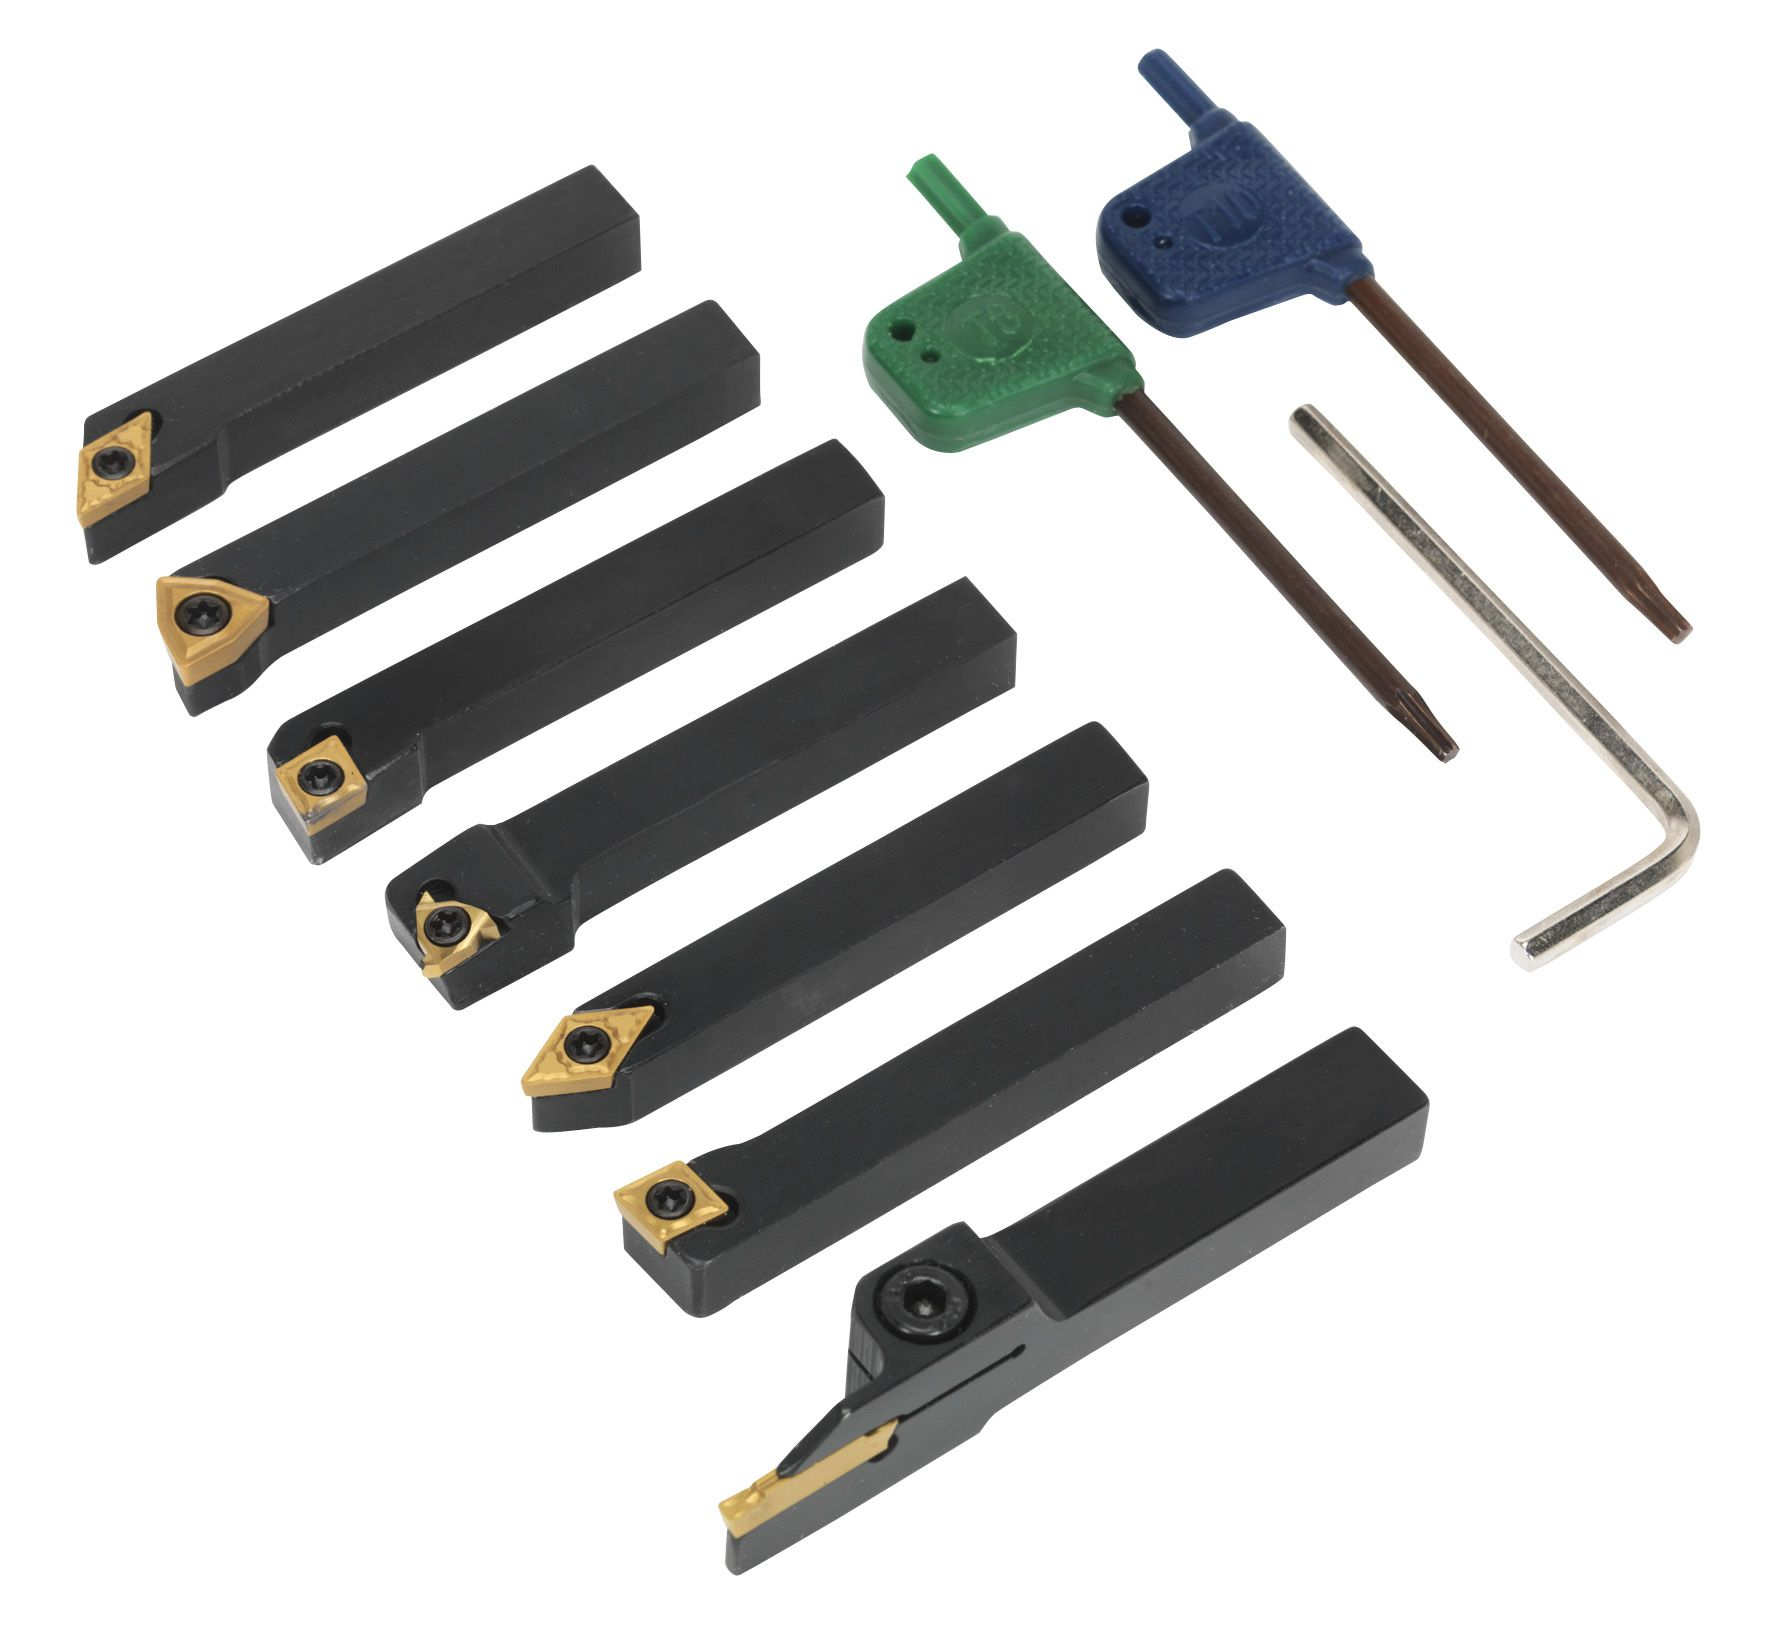 Sealey Indexable 10mm Lathe Turning Tool Set 7pc